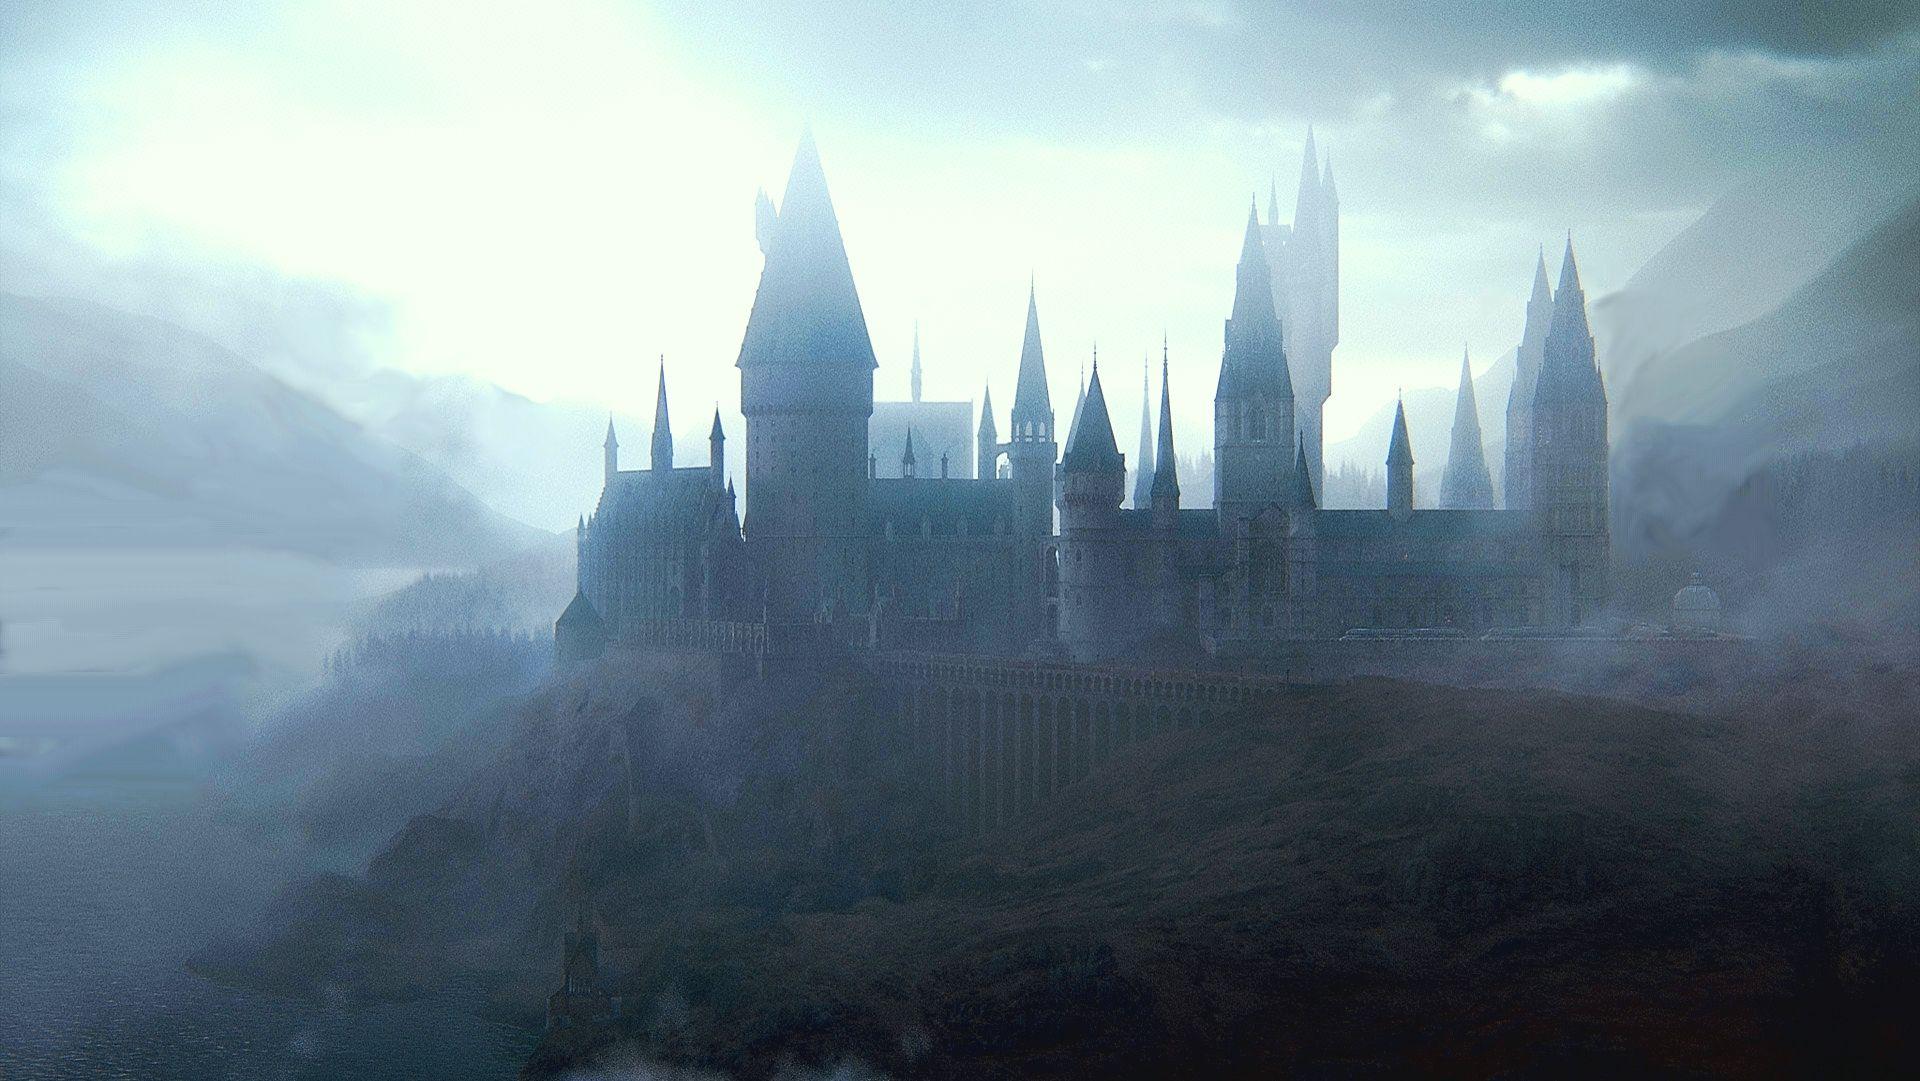 Harry Potter Photo Hogwarts Harry Potter Wallpaper Harry Potter Wallpaper Backgrounds Desktop Wallpaper Harry Potter